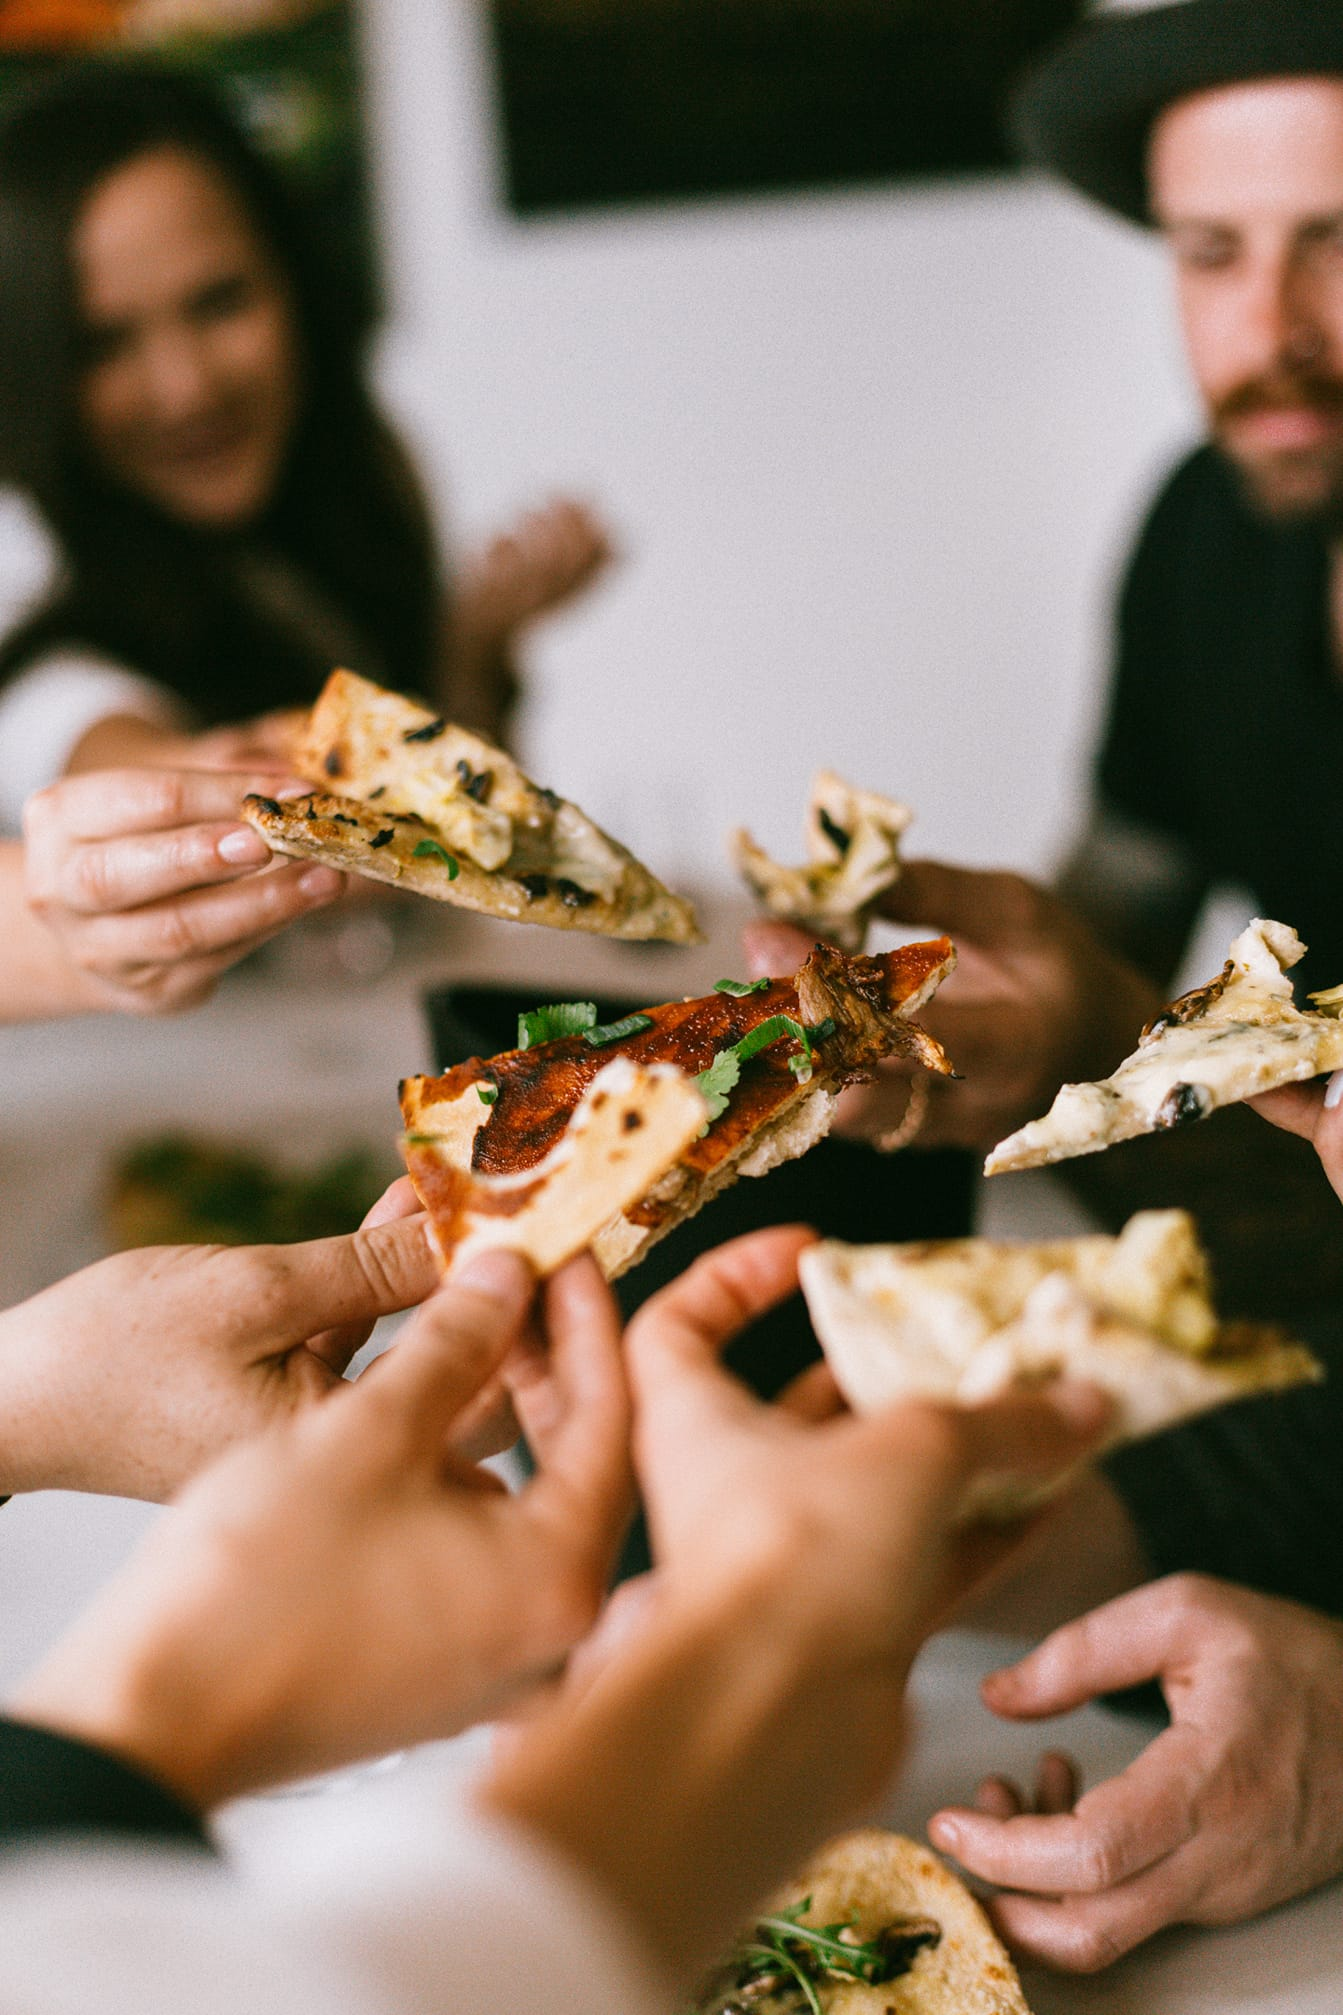 Eating Healthy at Social Gatherings